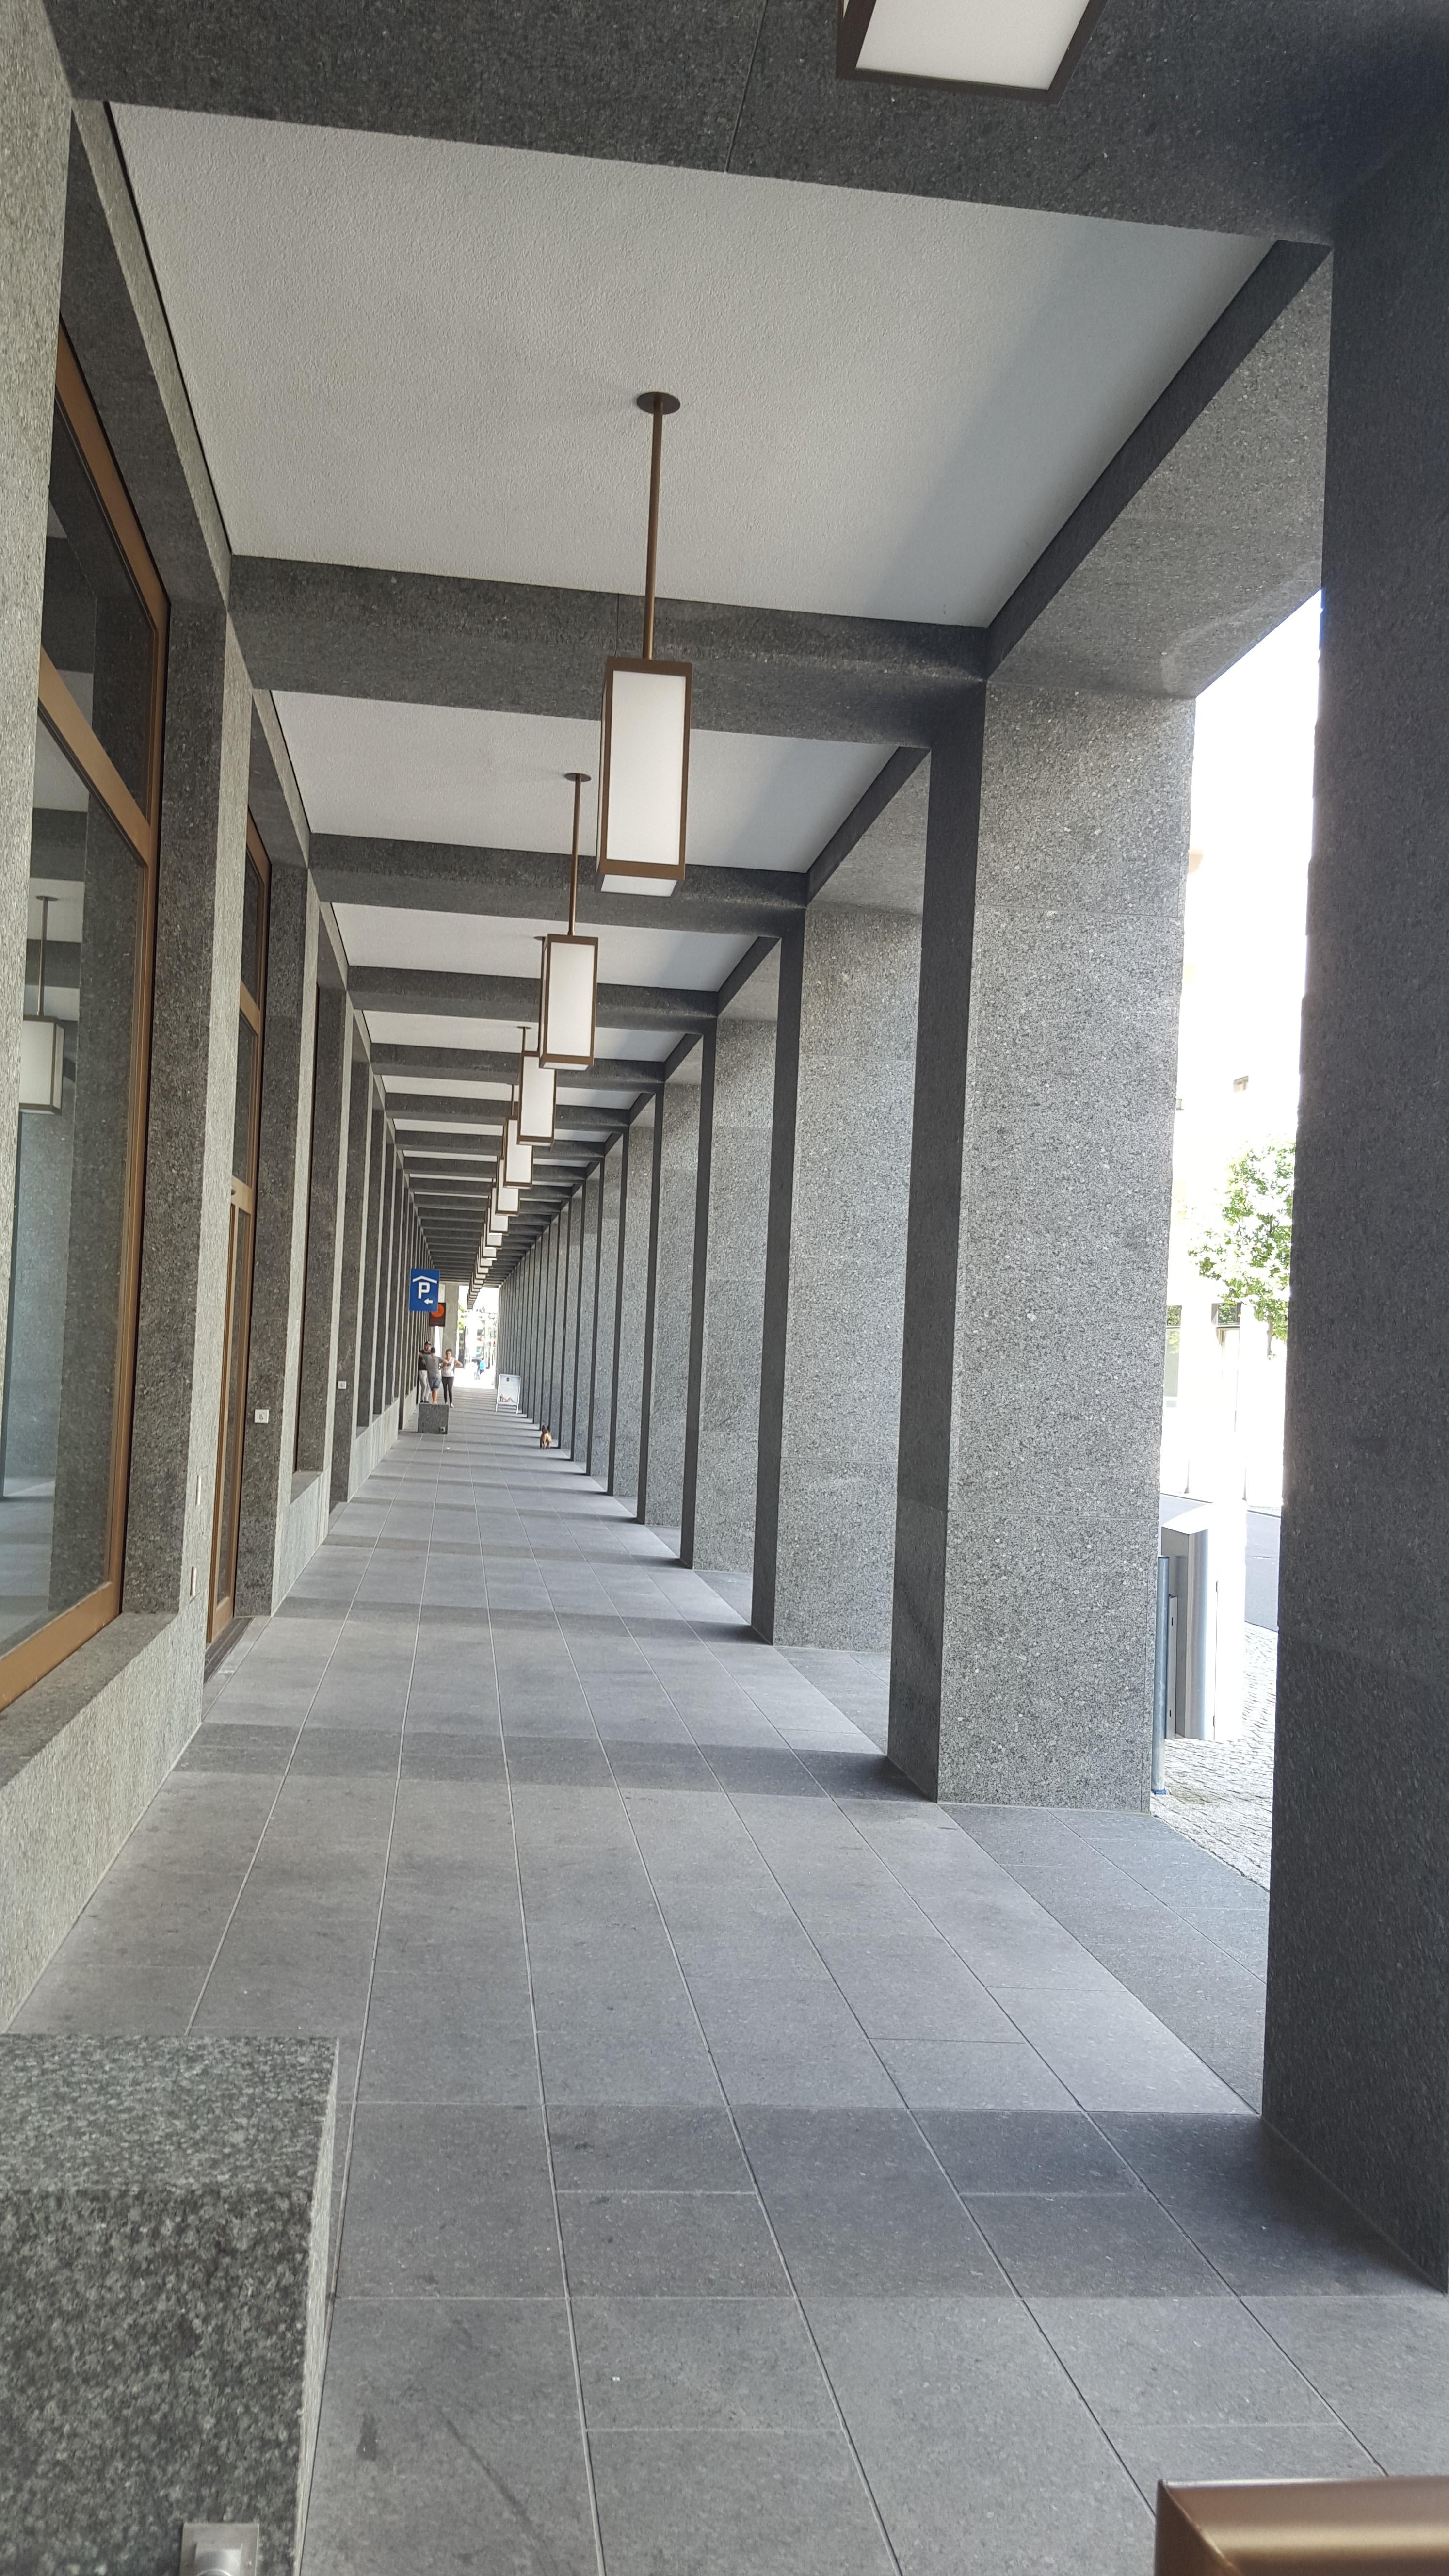 Überinstrumentierte Fassadengestaltung im Erdgeschoss